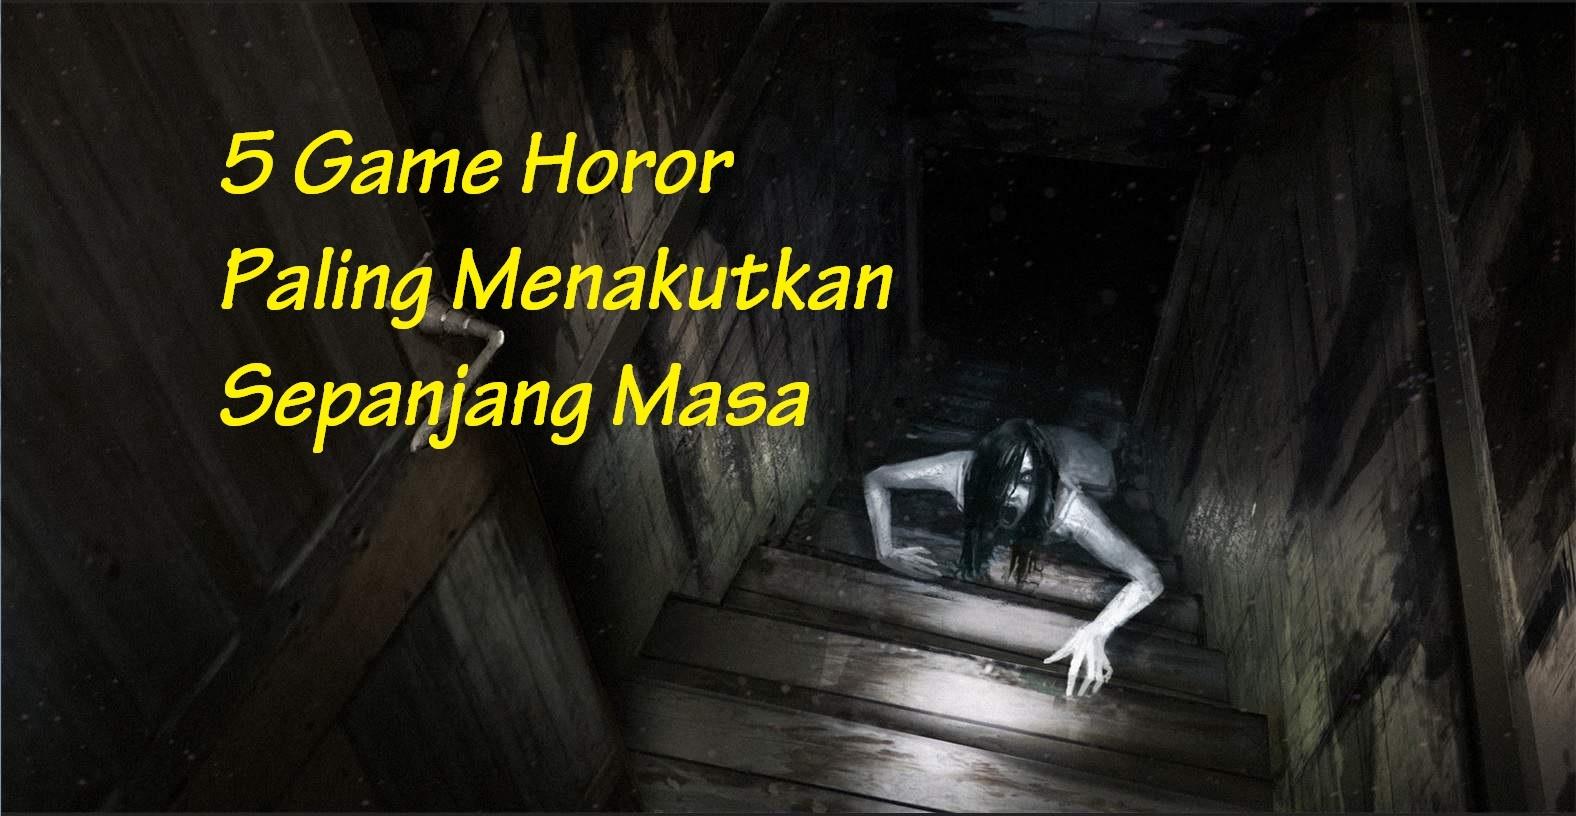 game horor paling menakutkan